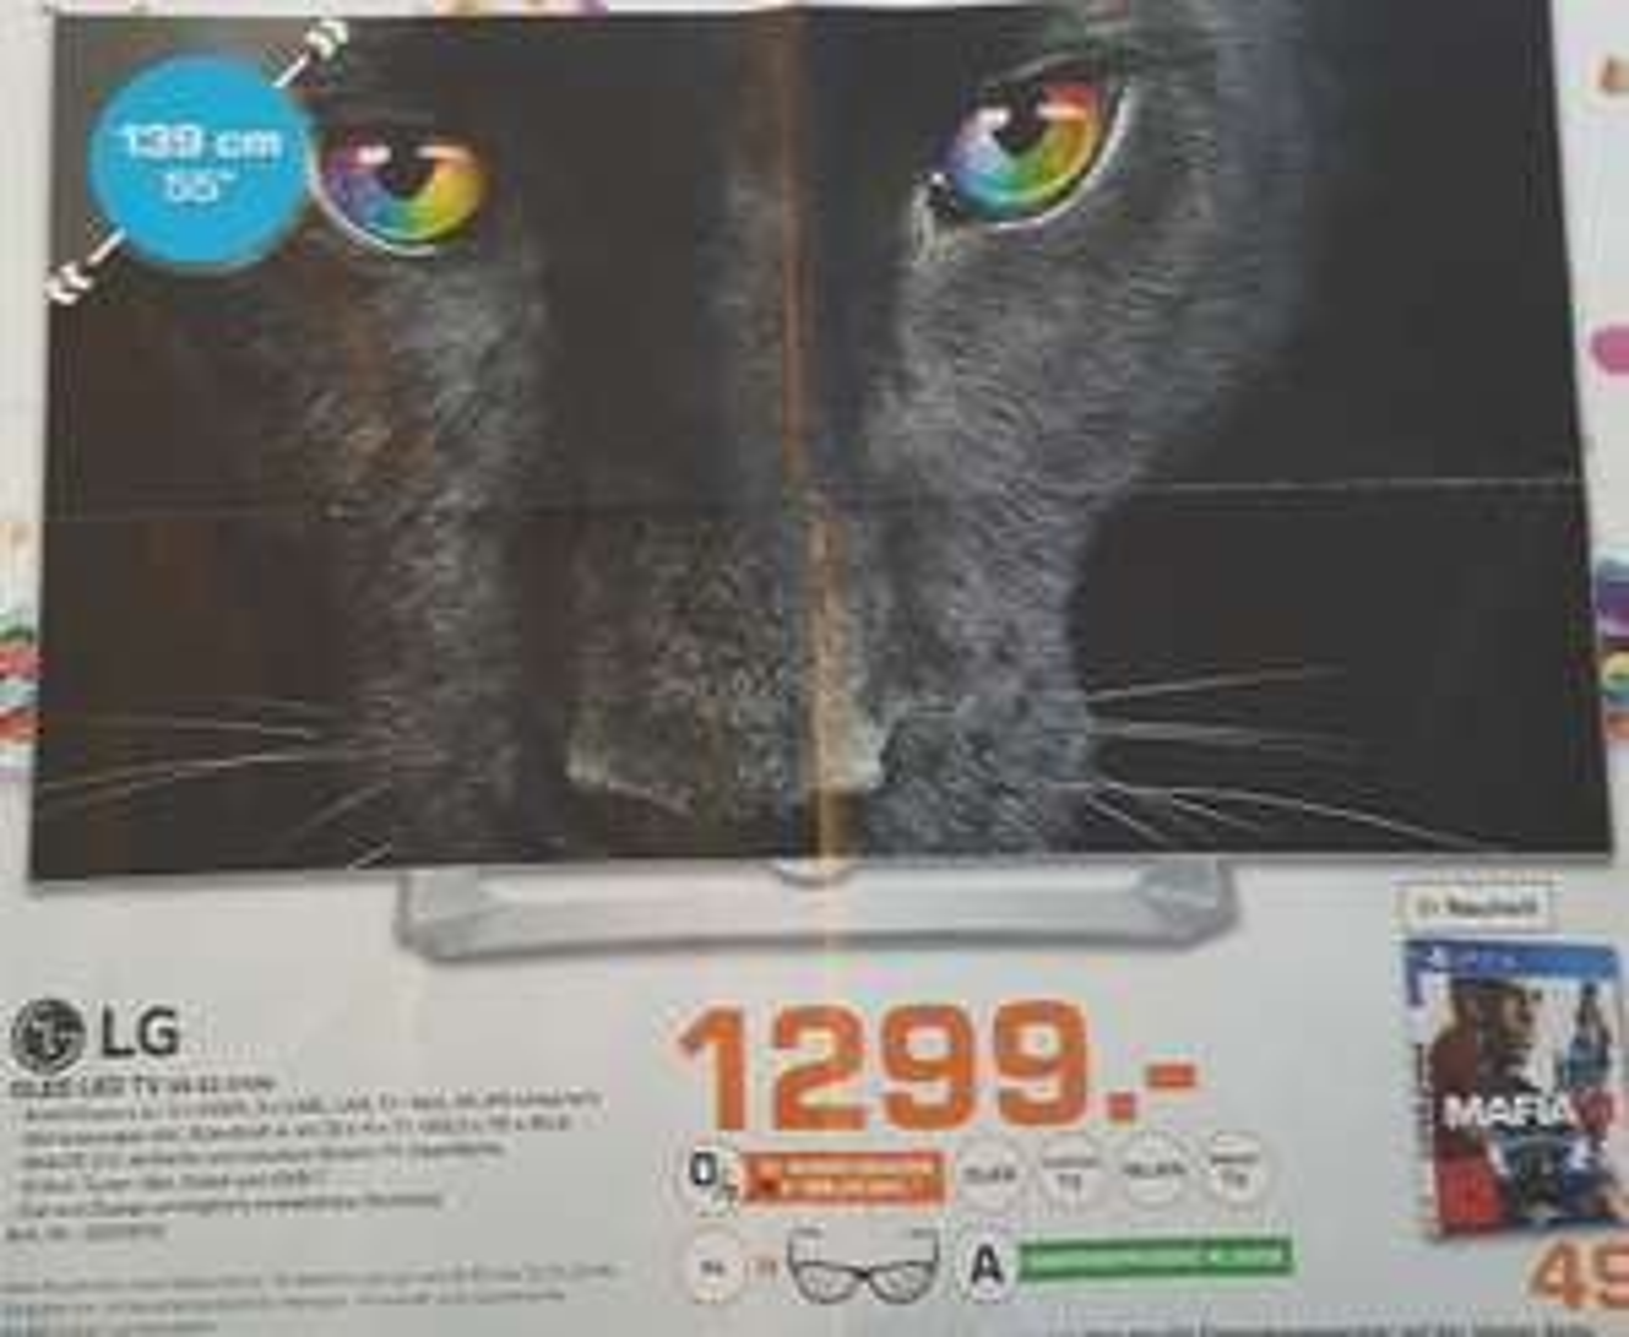 08.10 - 12.10. LG OLED TV 55 EG 9109 für 1.299 € Saturn Nürnberg